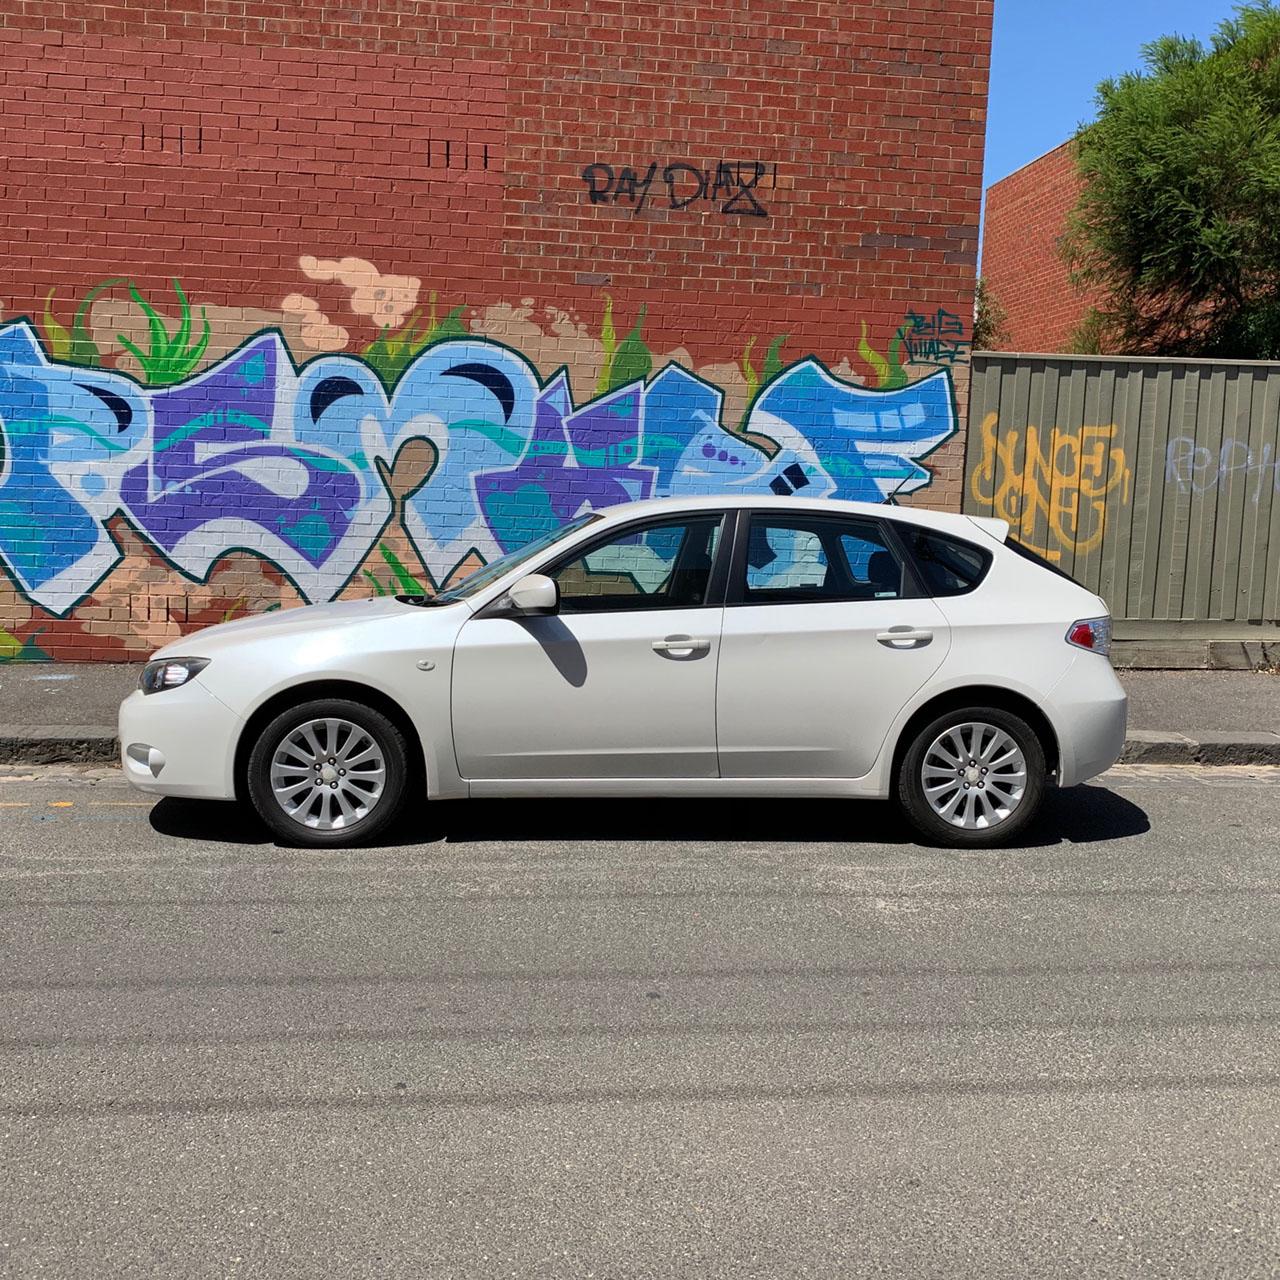 Picture of Fenn's 2009 Subaru Impreza